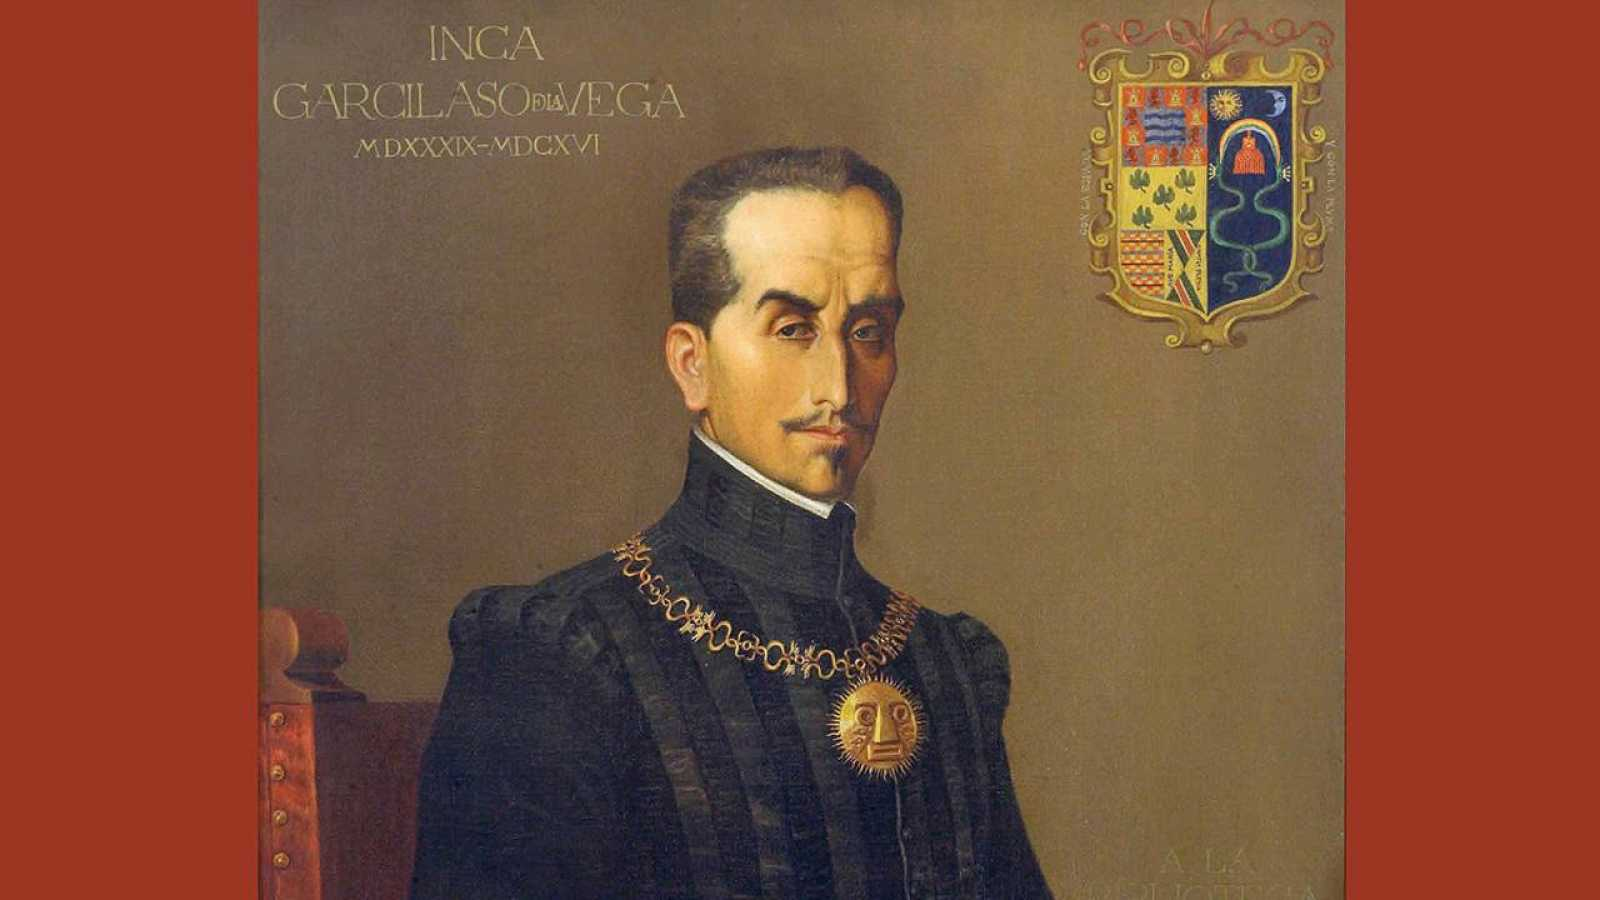 Resultado de imagen para Fotos Inca Garcilaso de la Vega